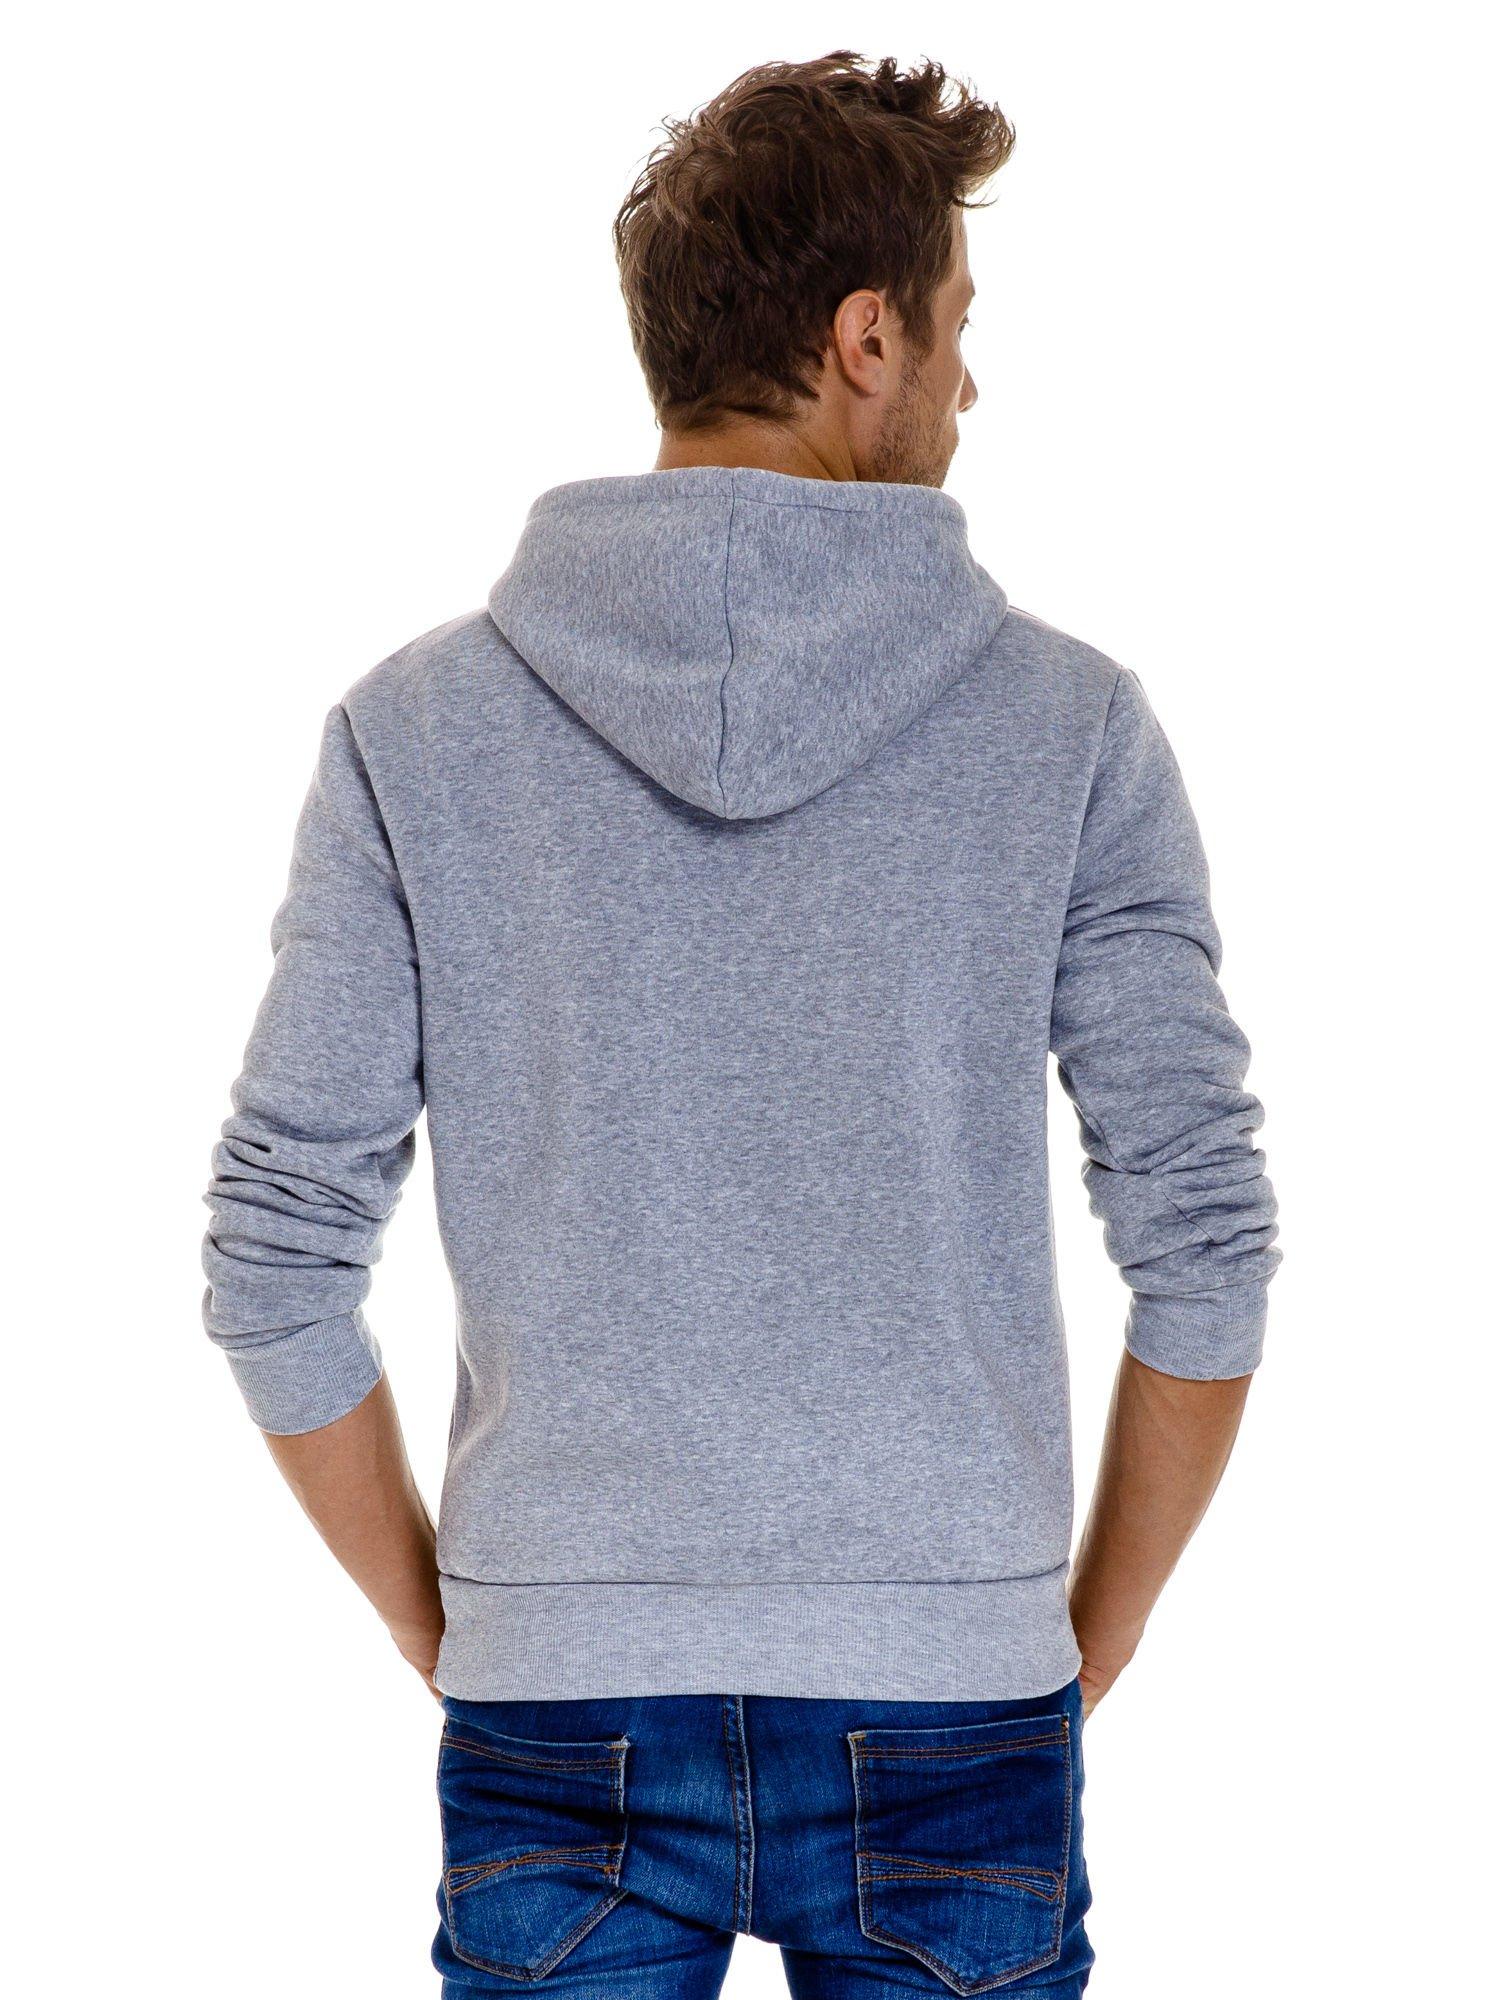 Jasnoszara gładka bluza męska z kieszeniami i kapturem                                  zdj.                                  5